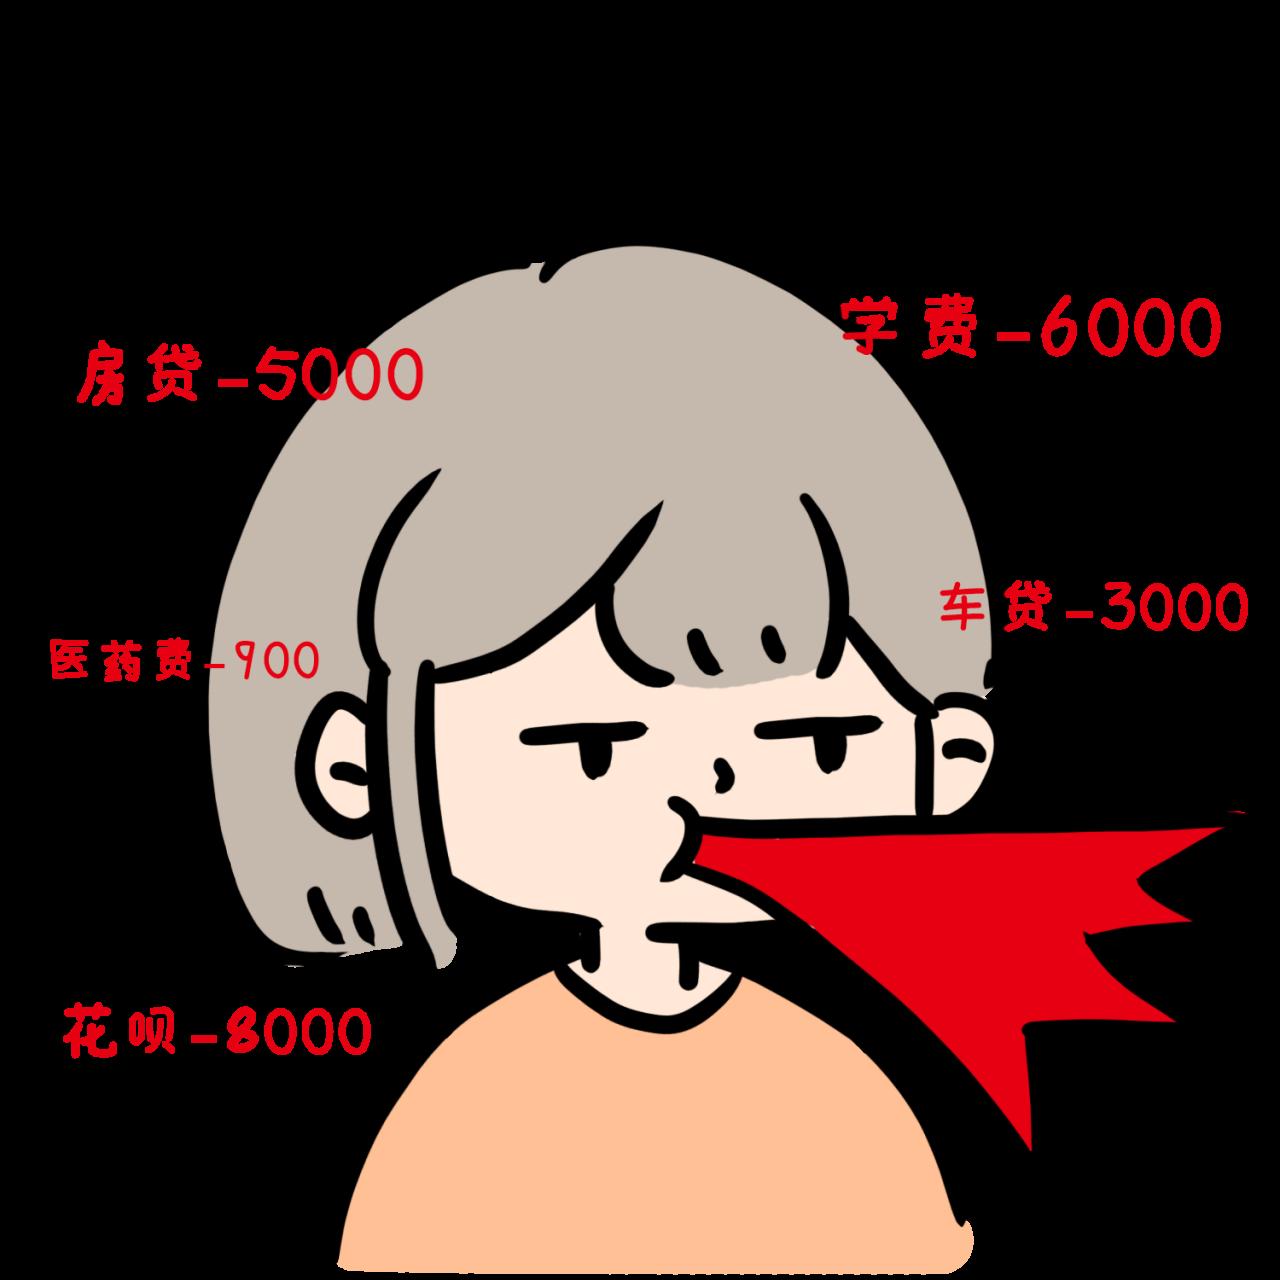 摄图网_401720545_吐血(企业商用).png